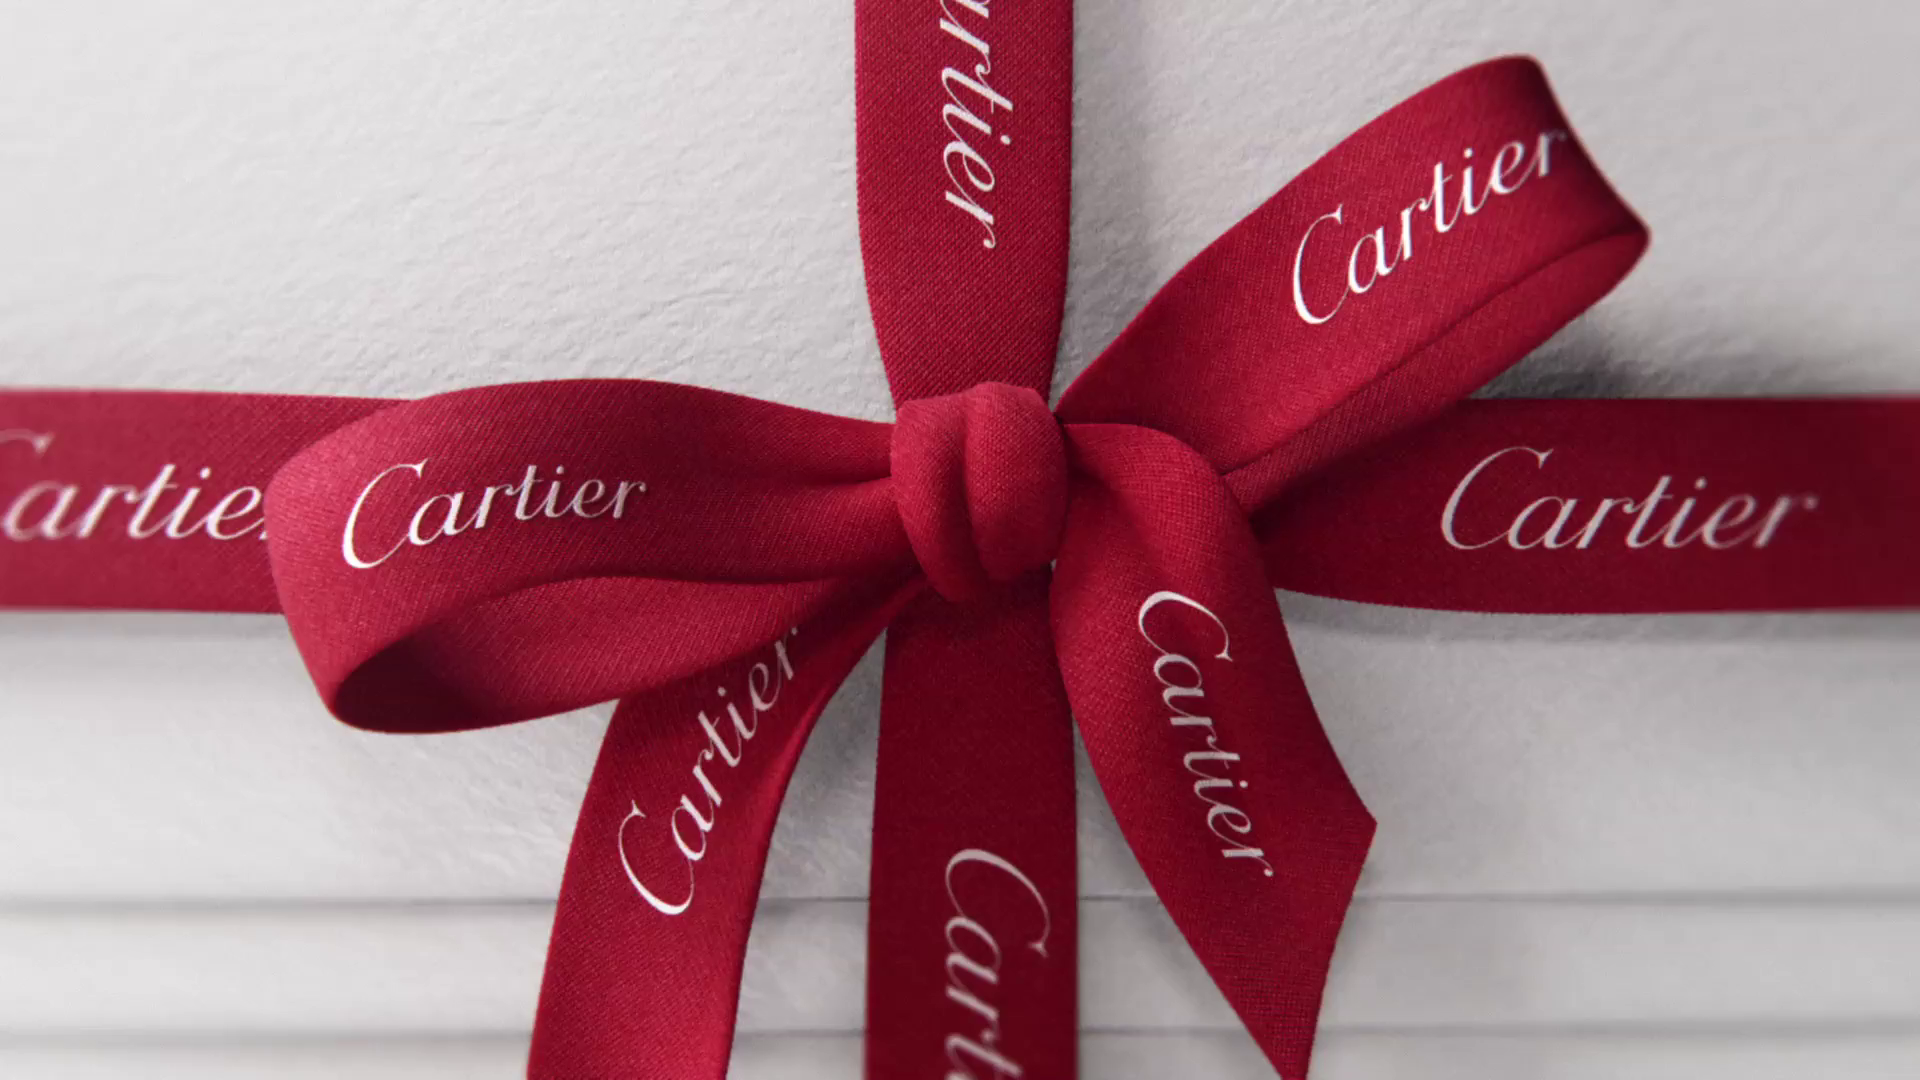 Cartier_boutique_01 (2)